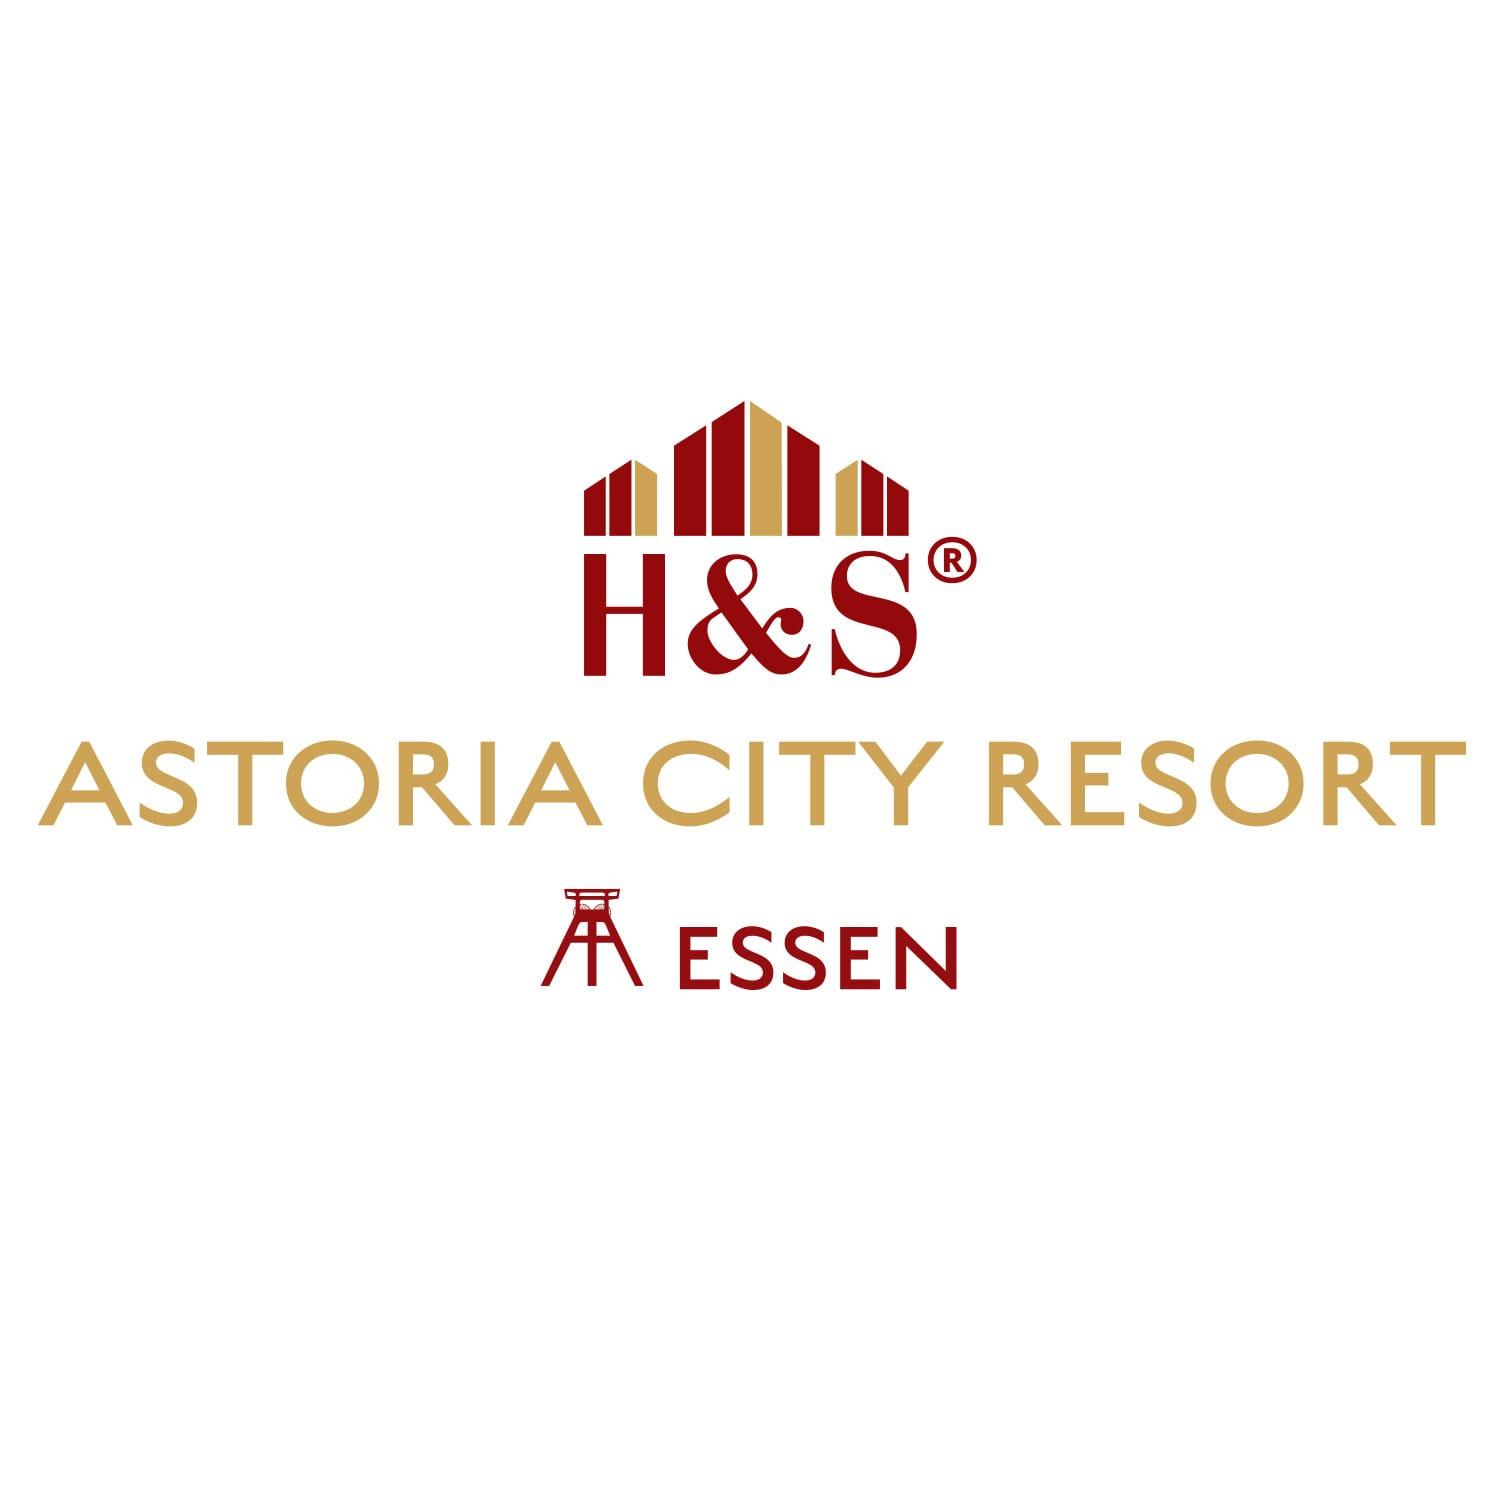 Logodesign H&S